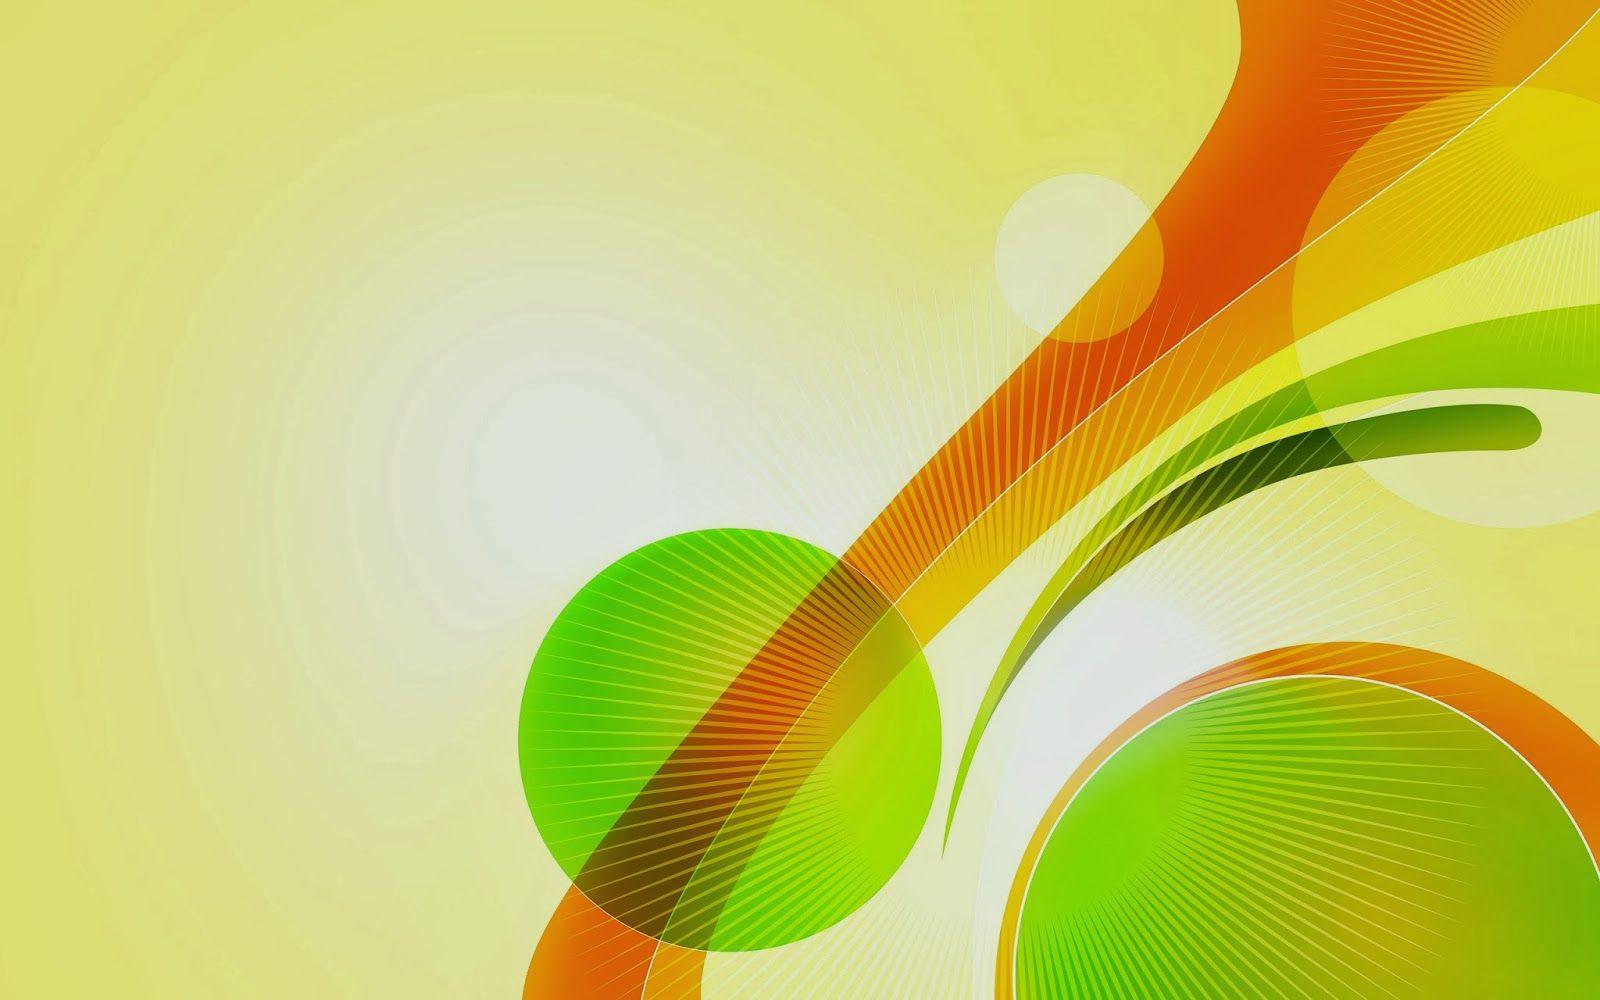 Fondos Abstractos Musicales Para Fondo Celular En Hd 13 HD